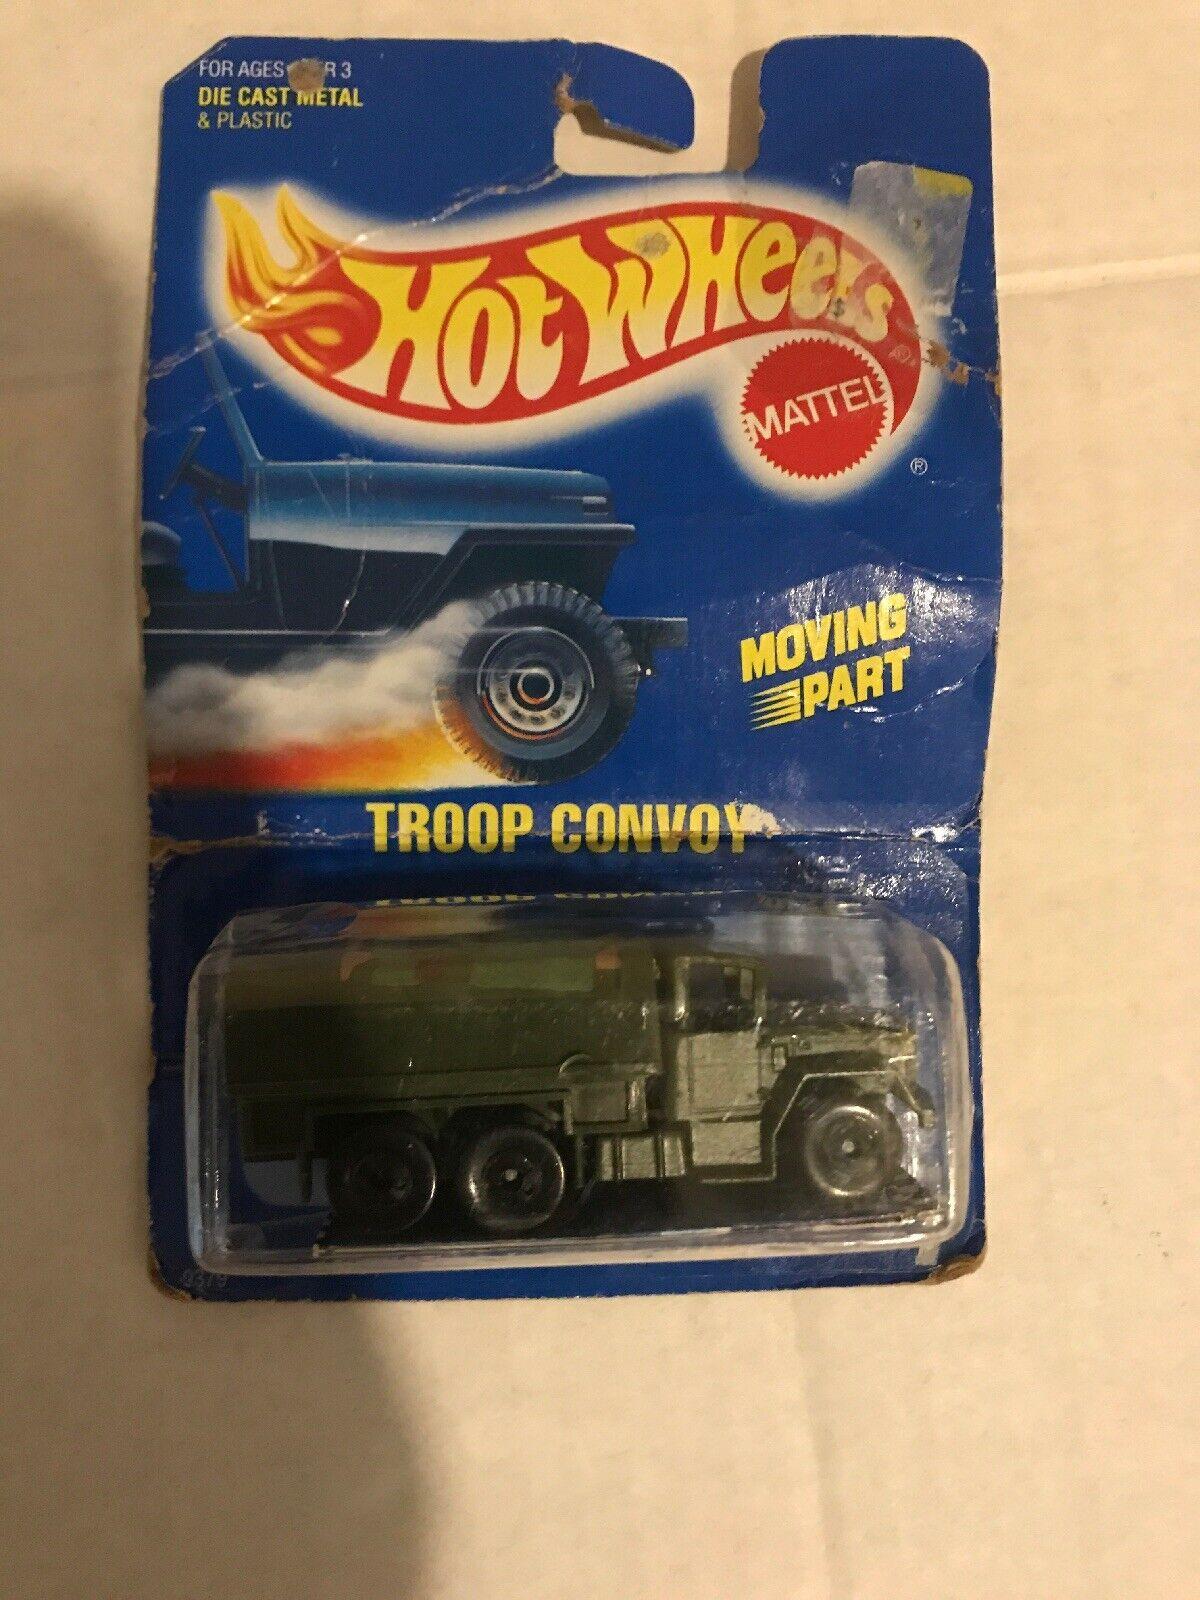 comprar barato Nuevo muy poco común-Troop convoy-Tarjeta Azul Azul Azul -  7 - hot Wheels-RARE-ORIGINAL-muy difícil de encontrar  gran descuento